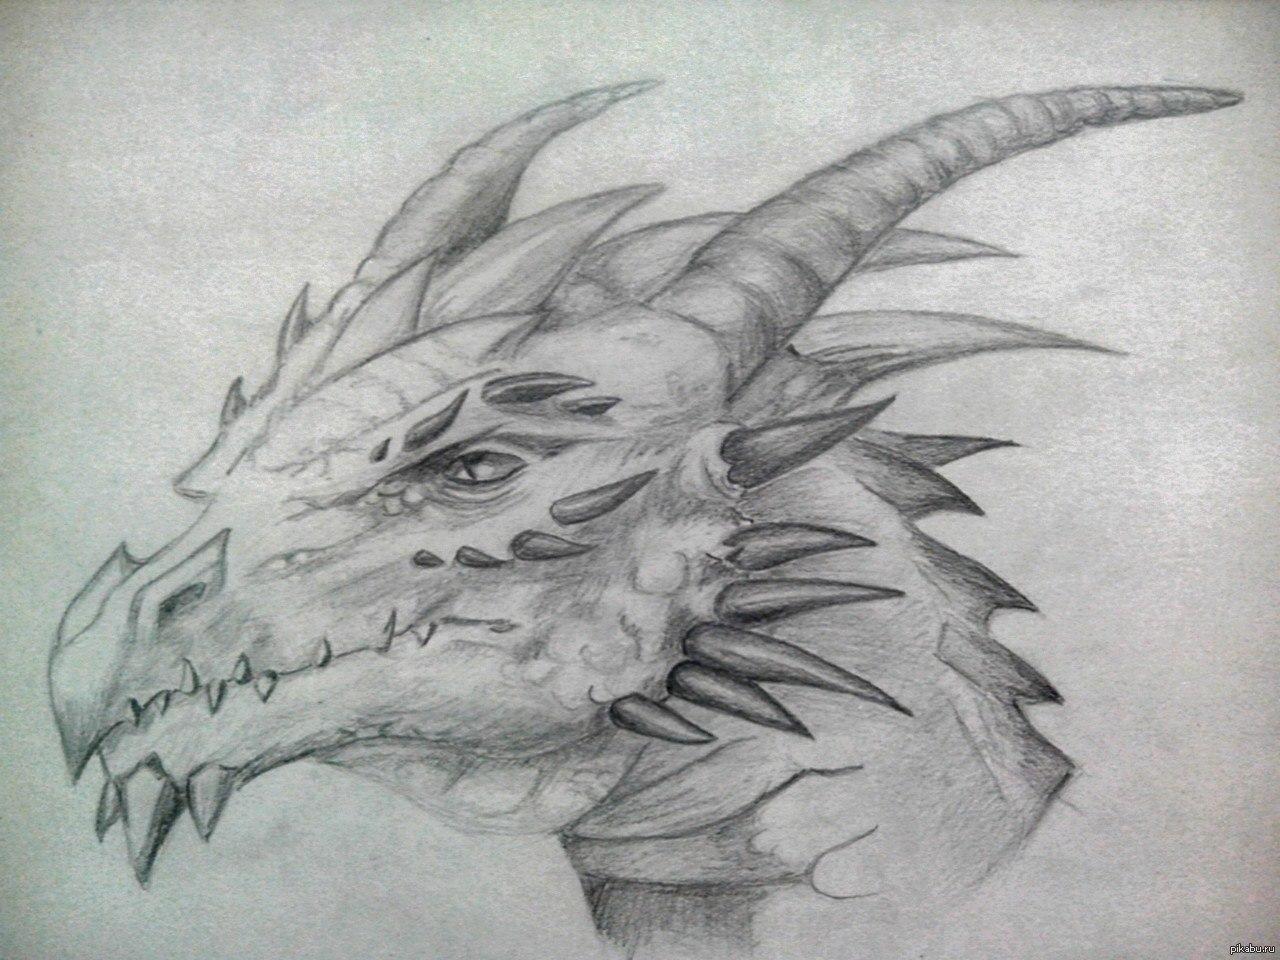 Картинки нарисованных карандашом драконов